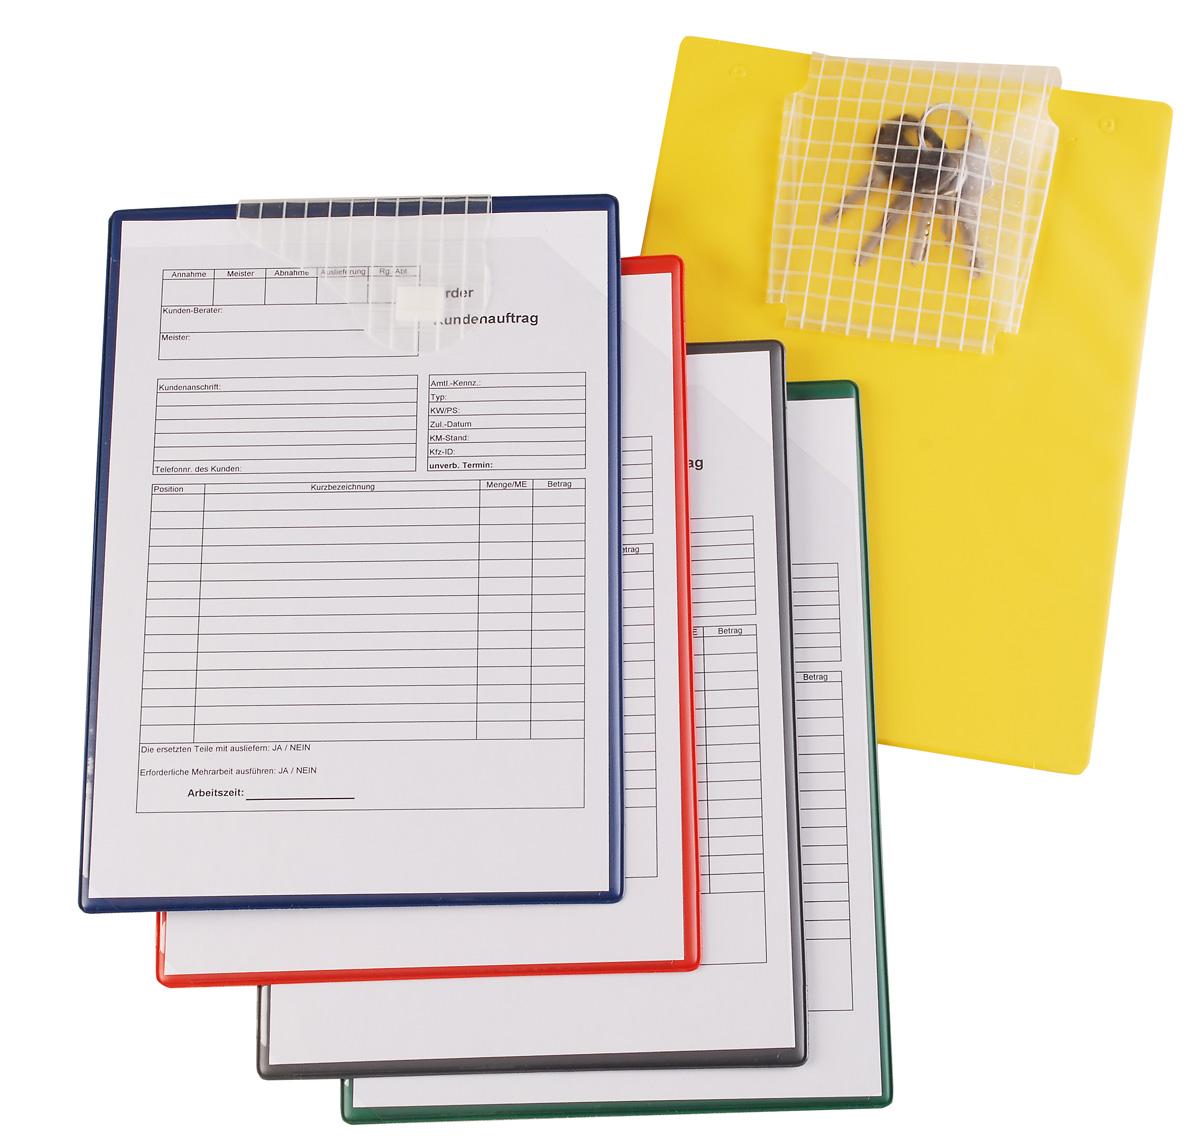 Workshop Scheduling - Job Order Pockets